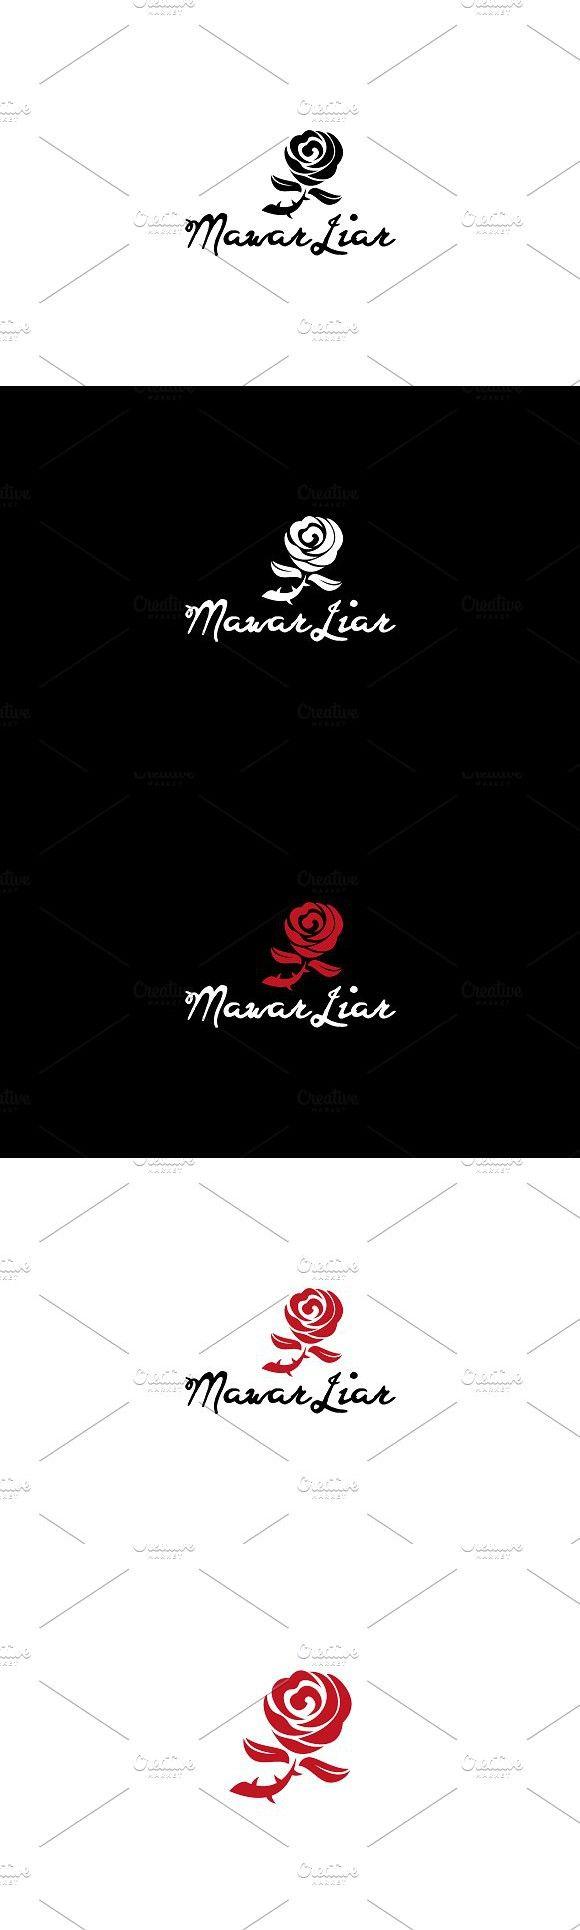 Mawar Logo : mawar, Mawar, Graphic, Design,, Logos,, Design